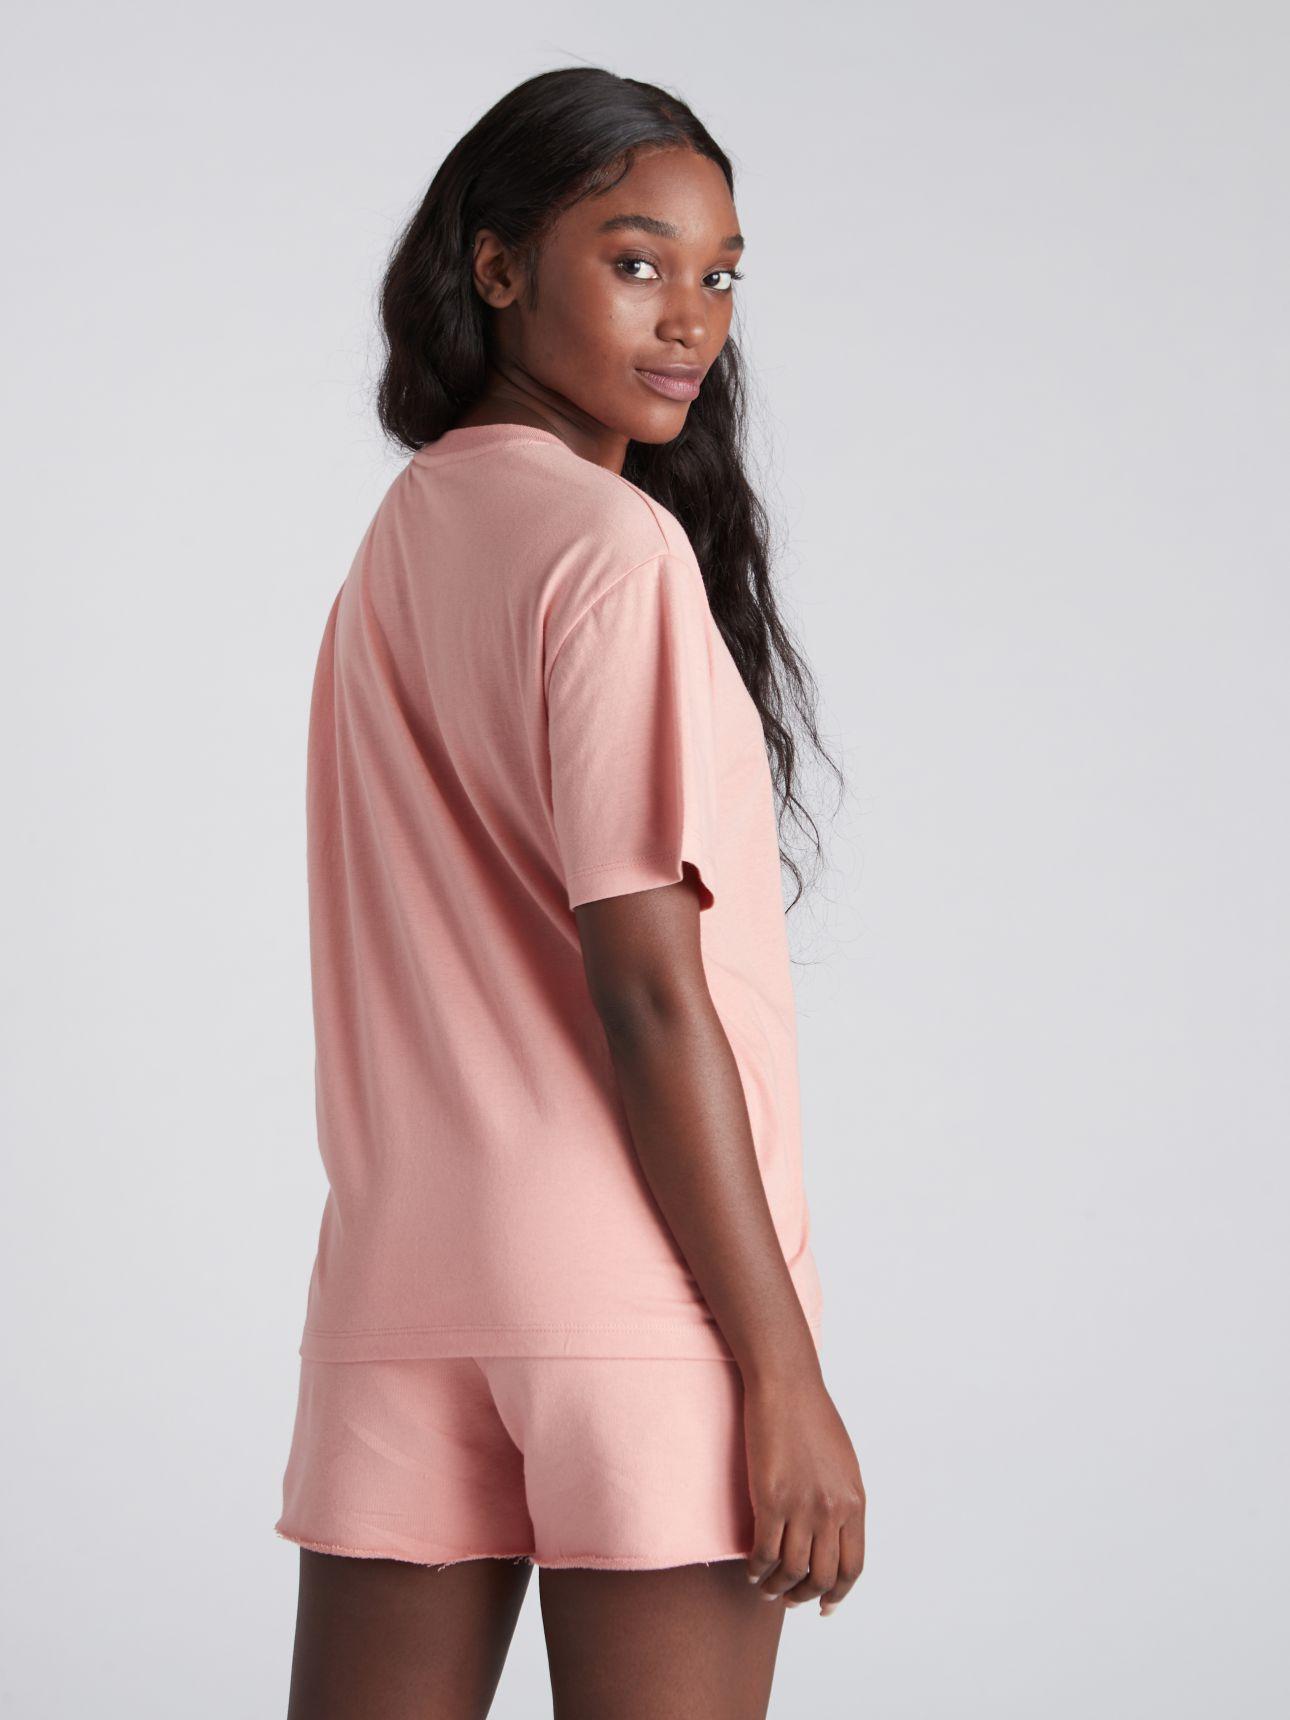 חולצת טי שירט עם דפוס BLOOM בצבע ורוד עתיק